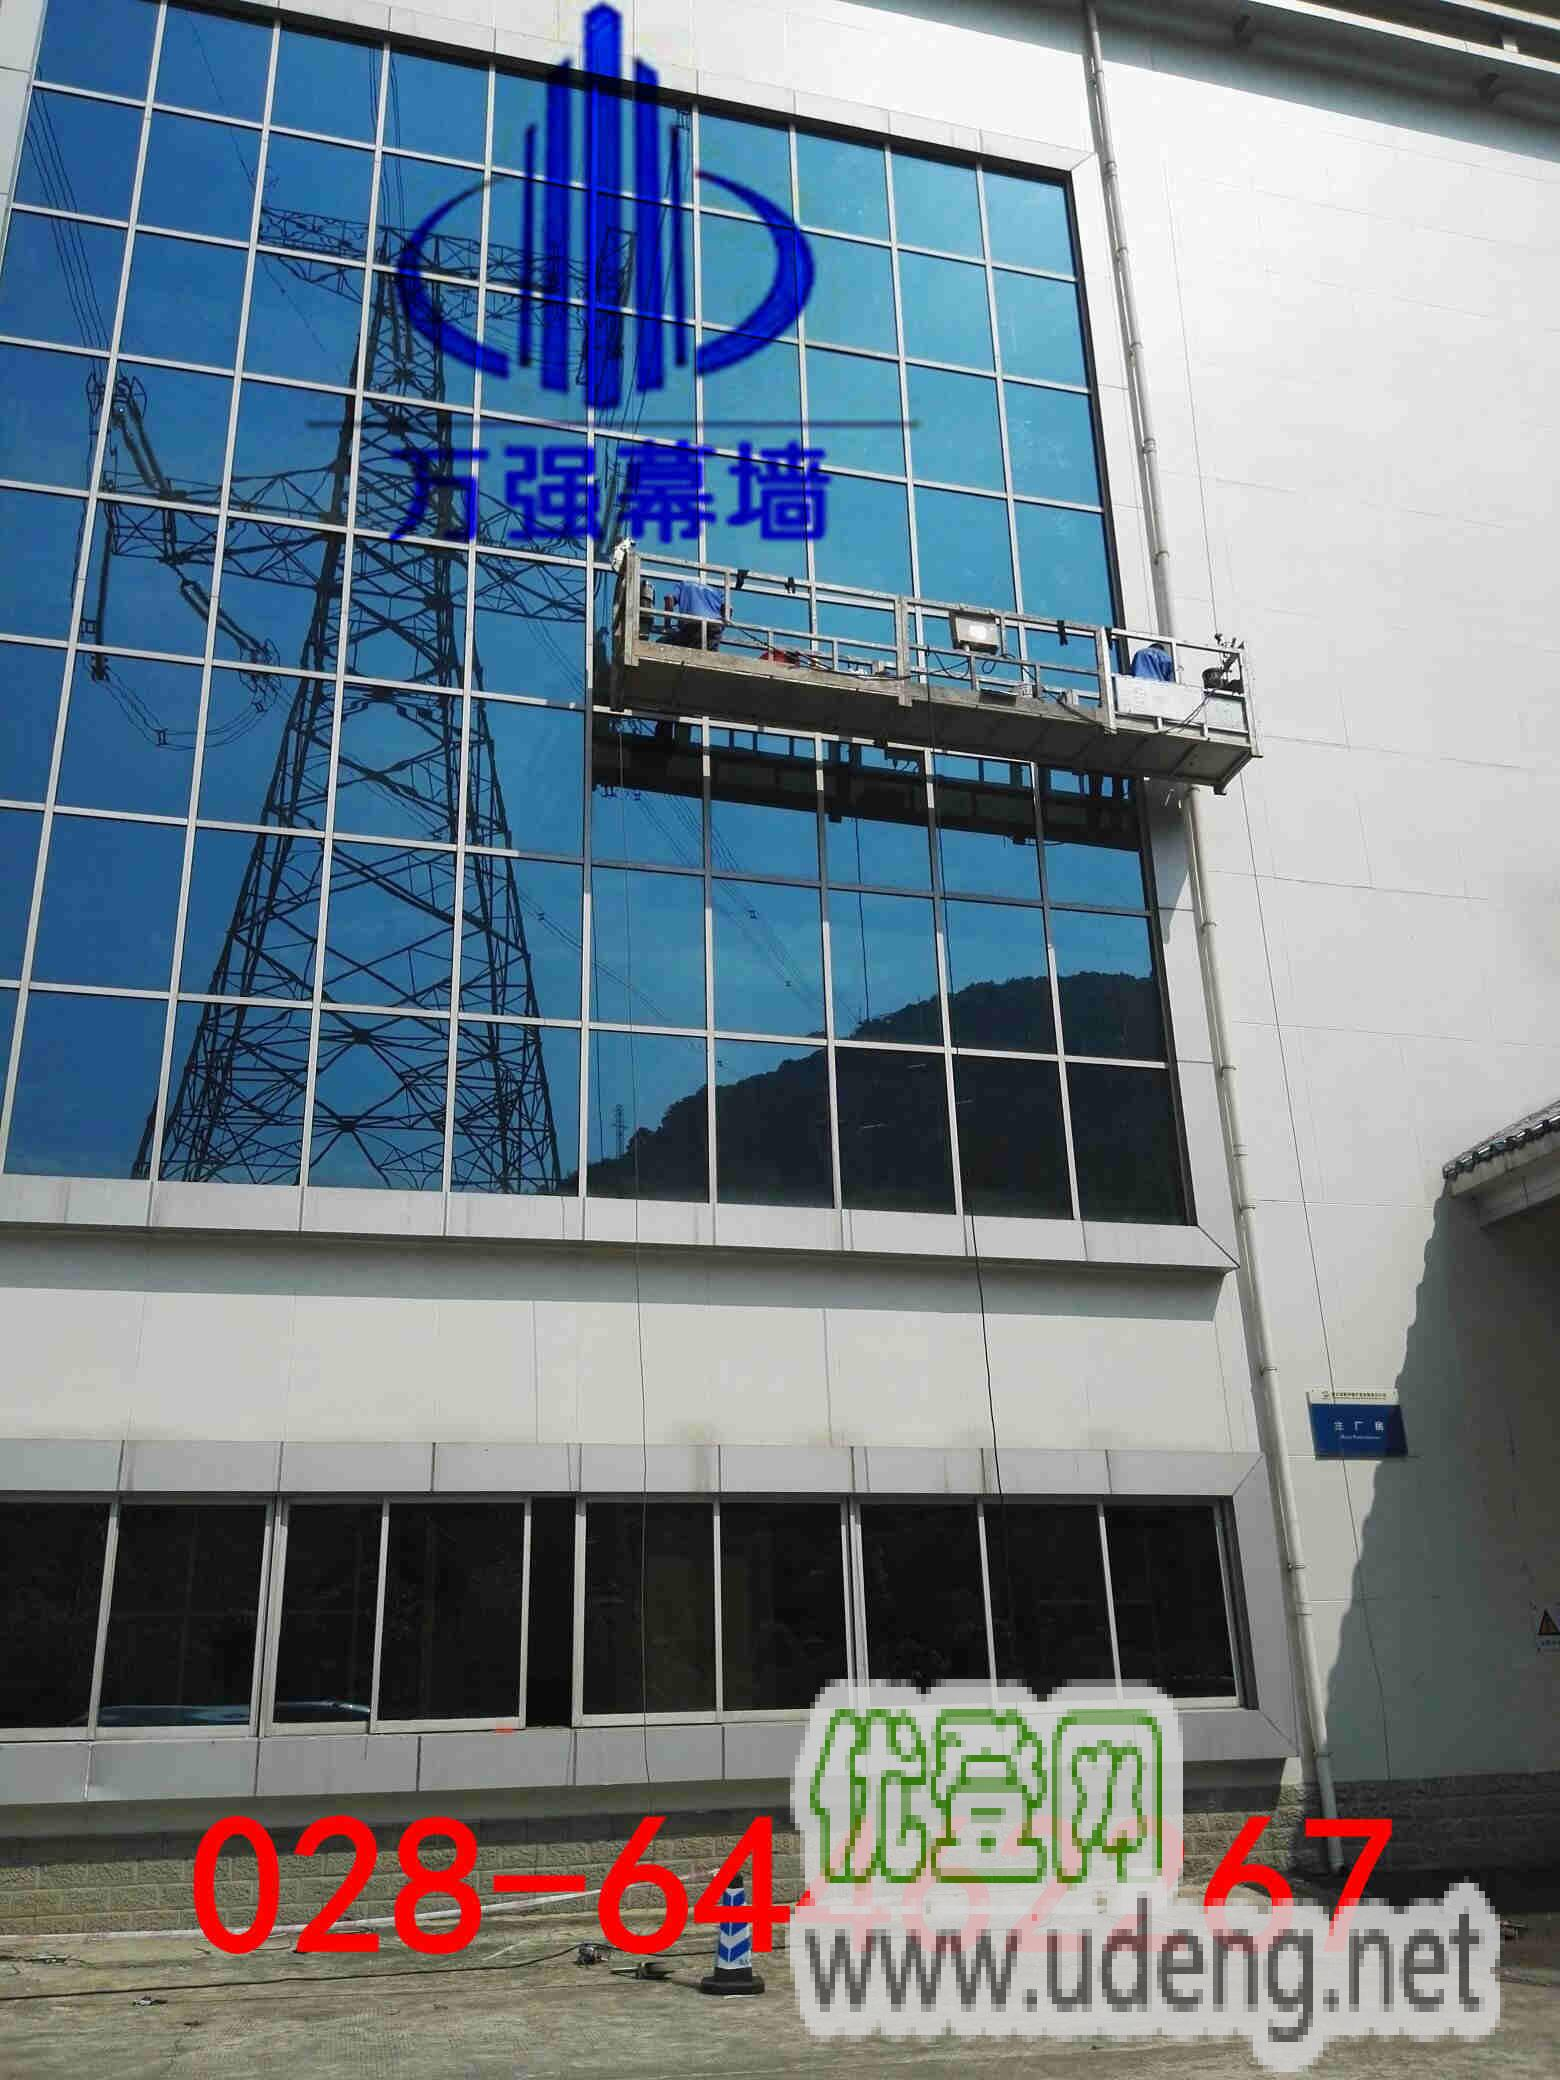 玻璃維修公司、玻璃更換公司、幕墻公司、門窗安裝公司